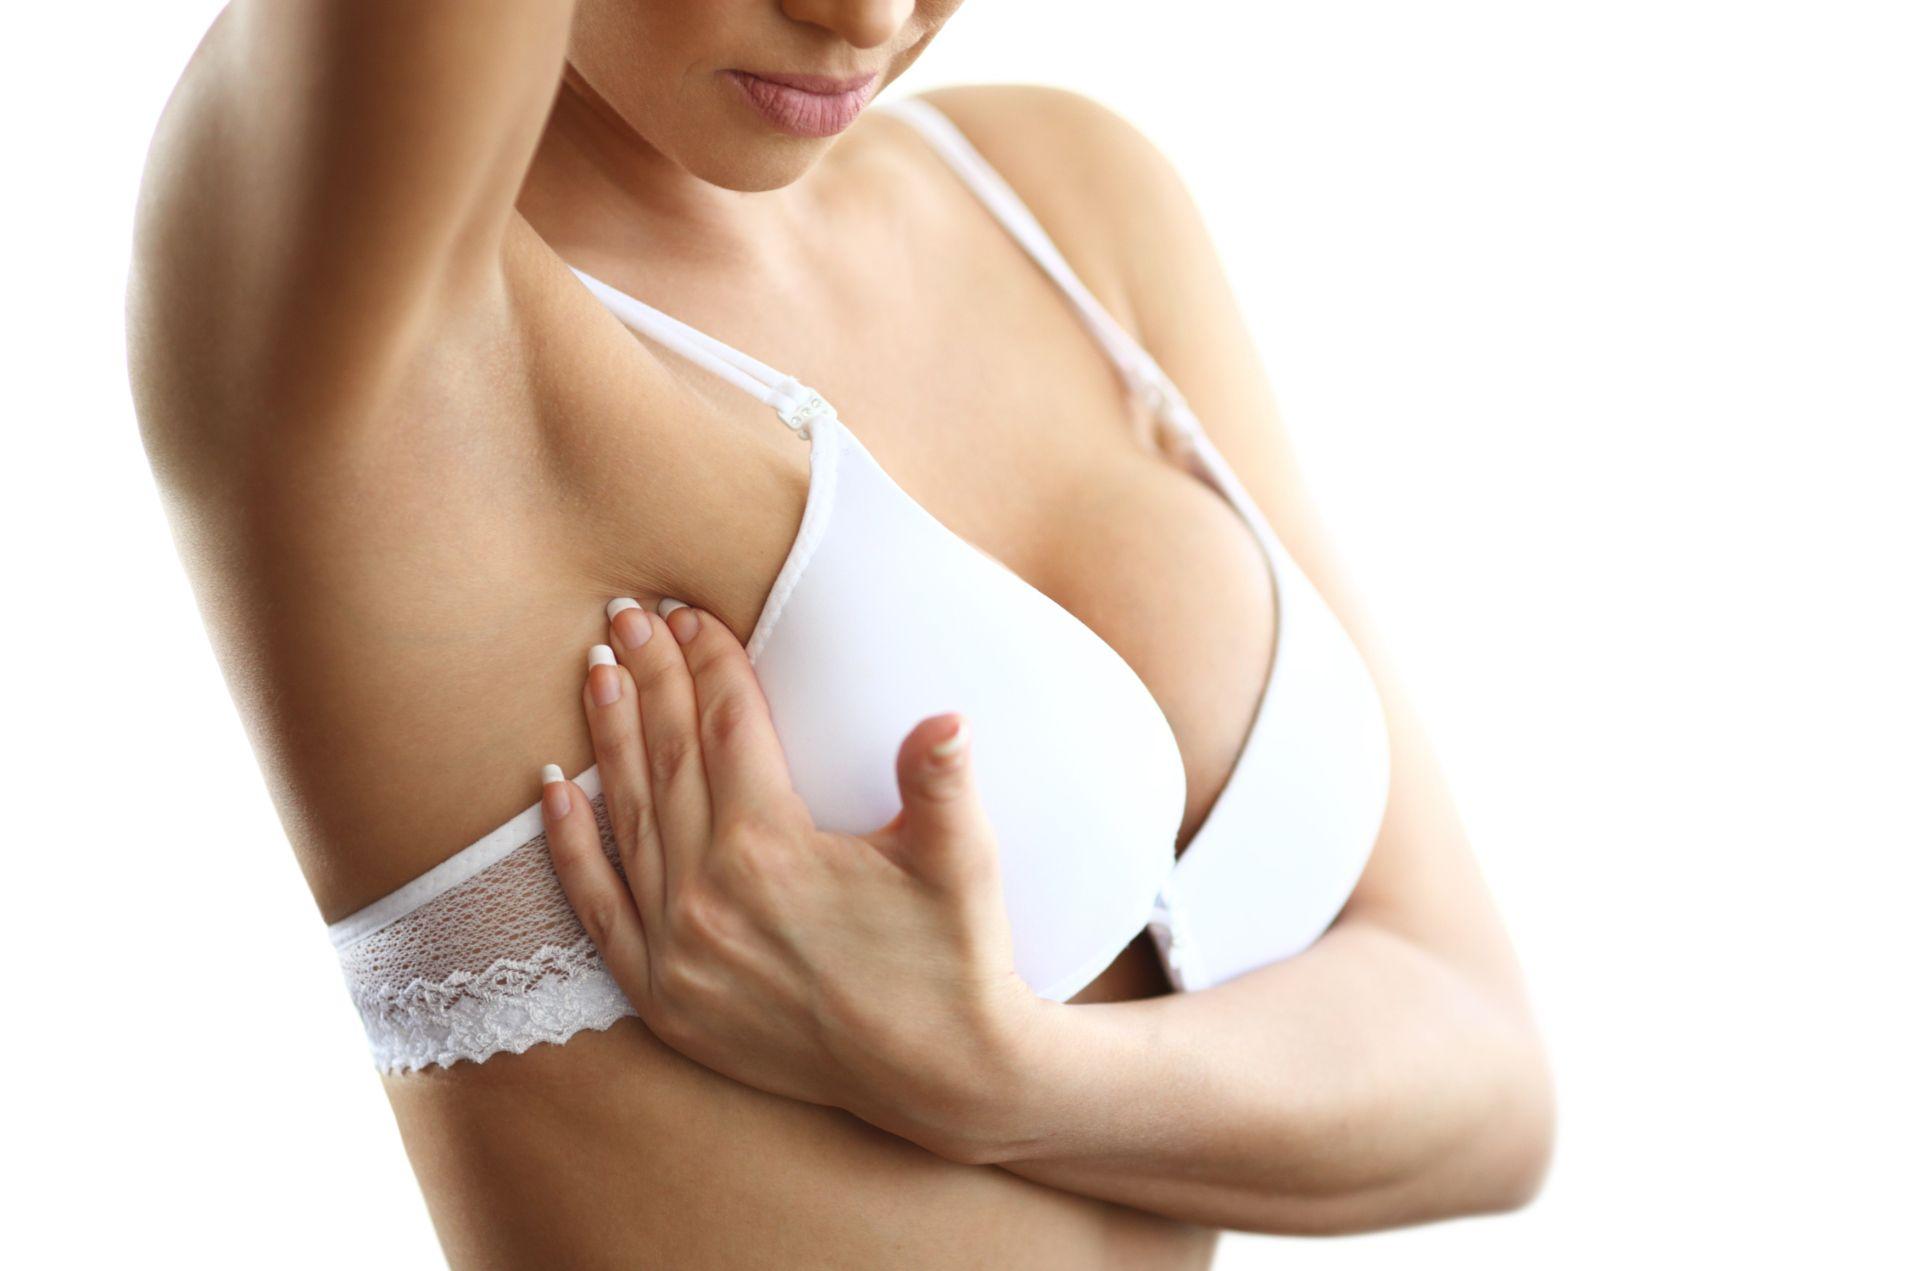 женщина в белом бюстгальтере давит на грудь